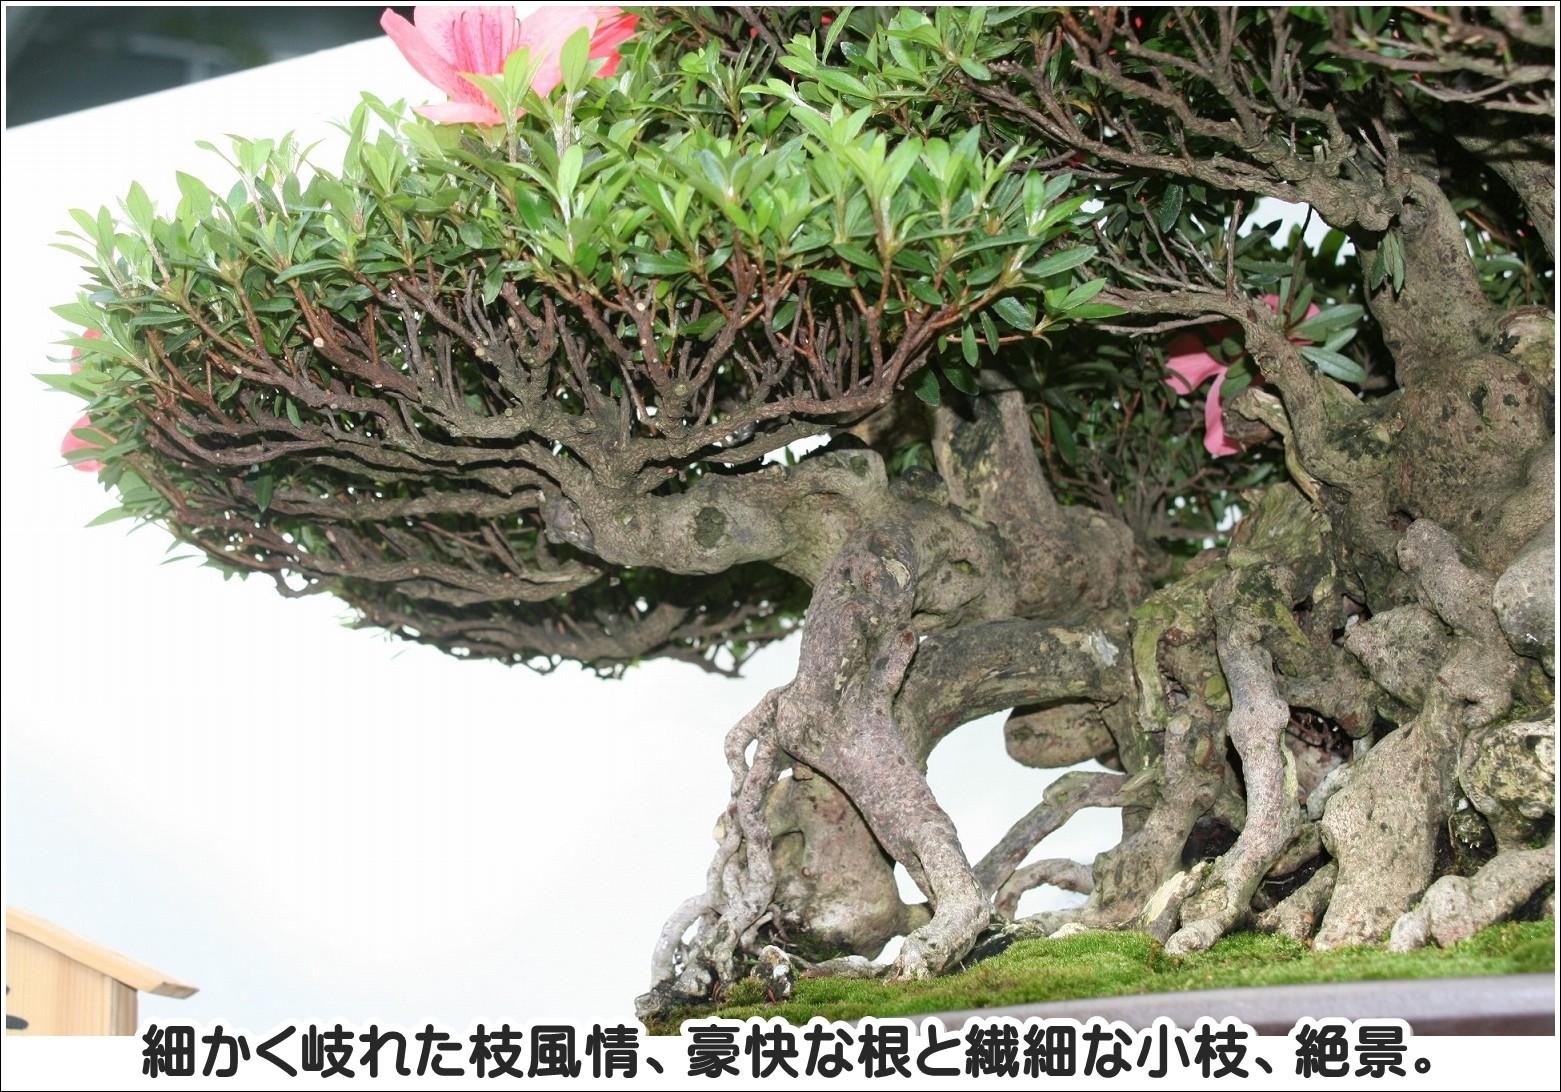 細かく岐れた枝風情、豪快な根と繊細な小枝、絶景。